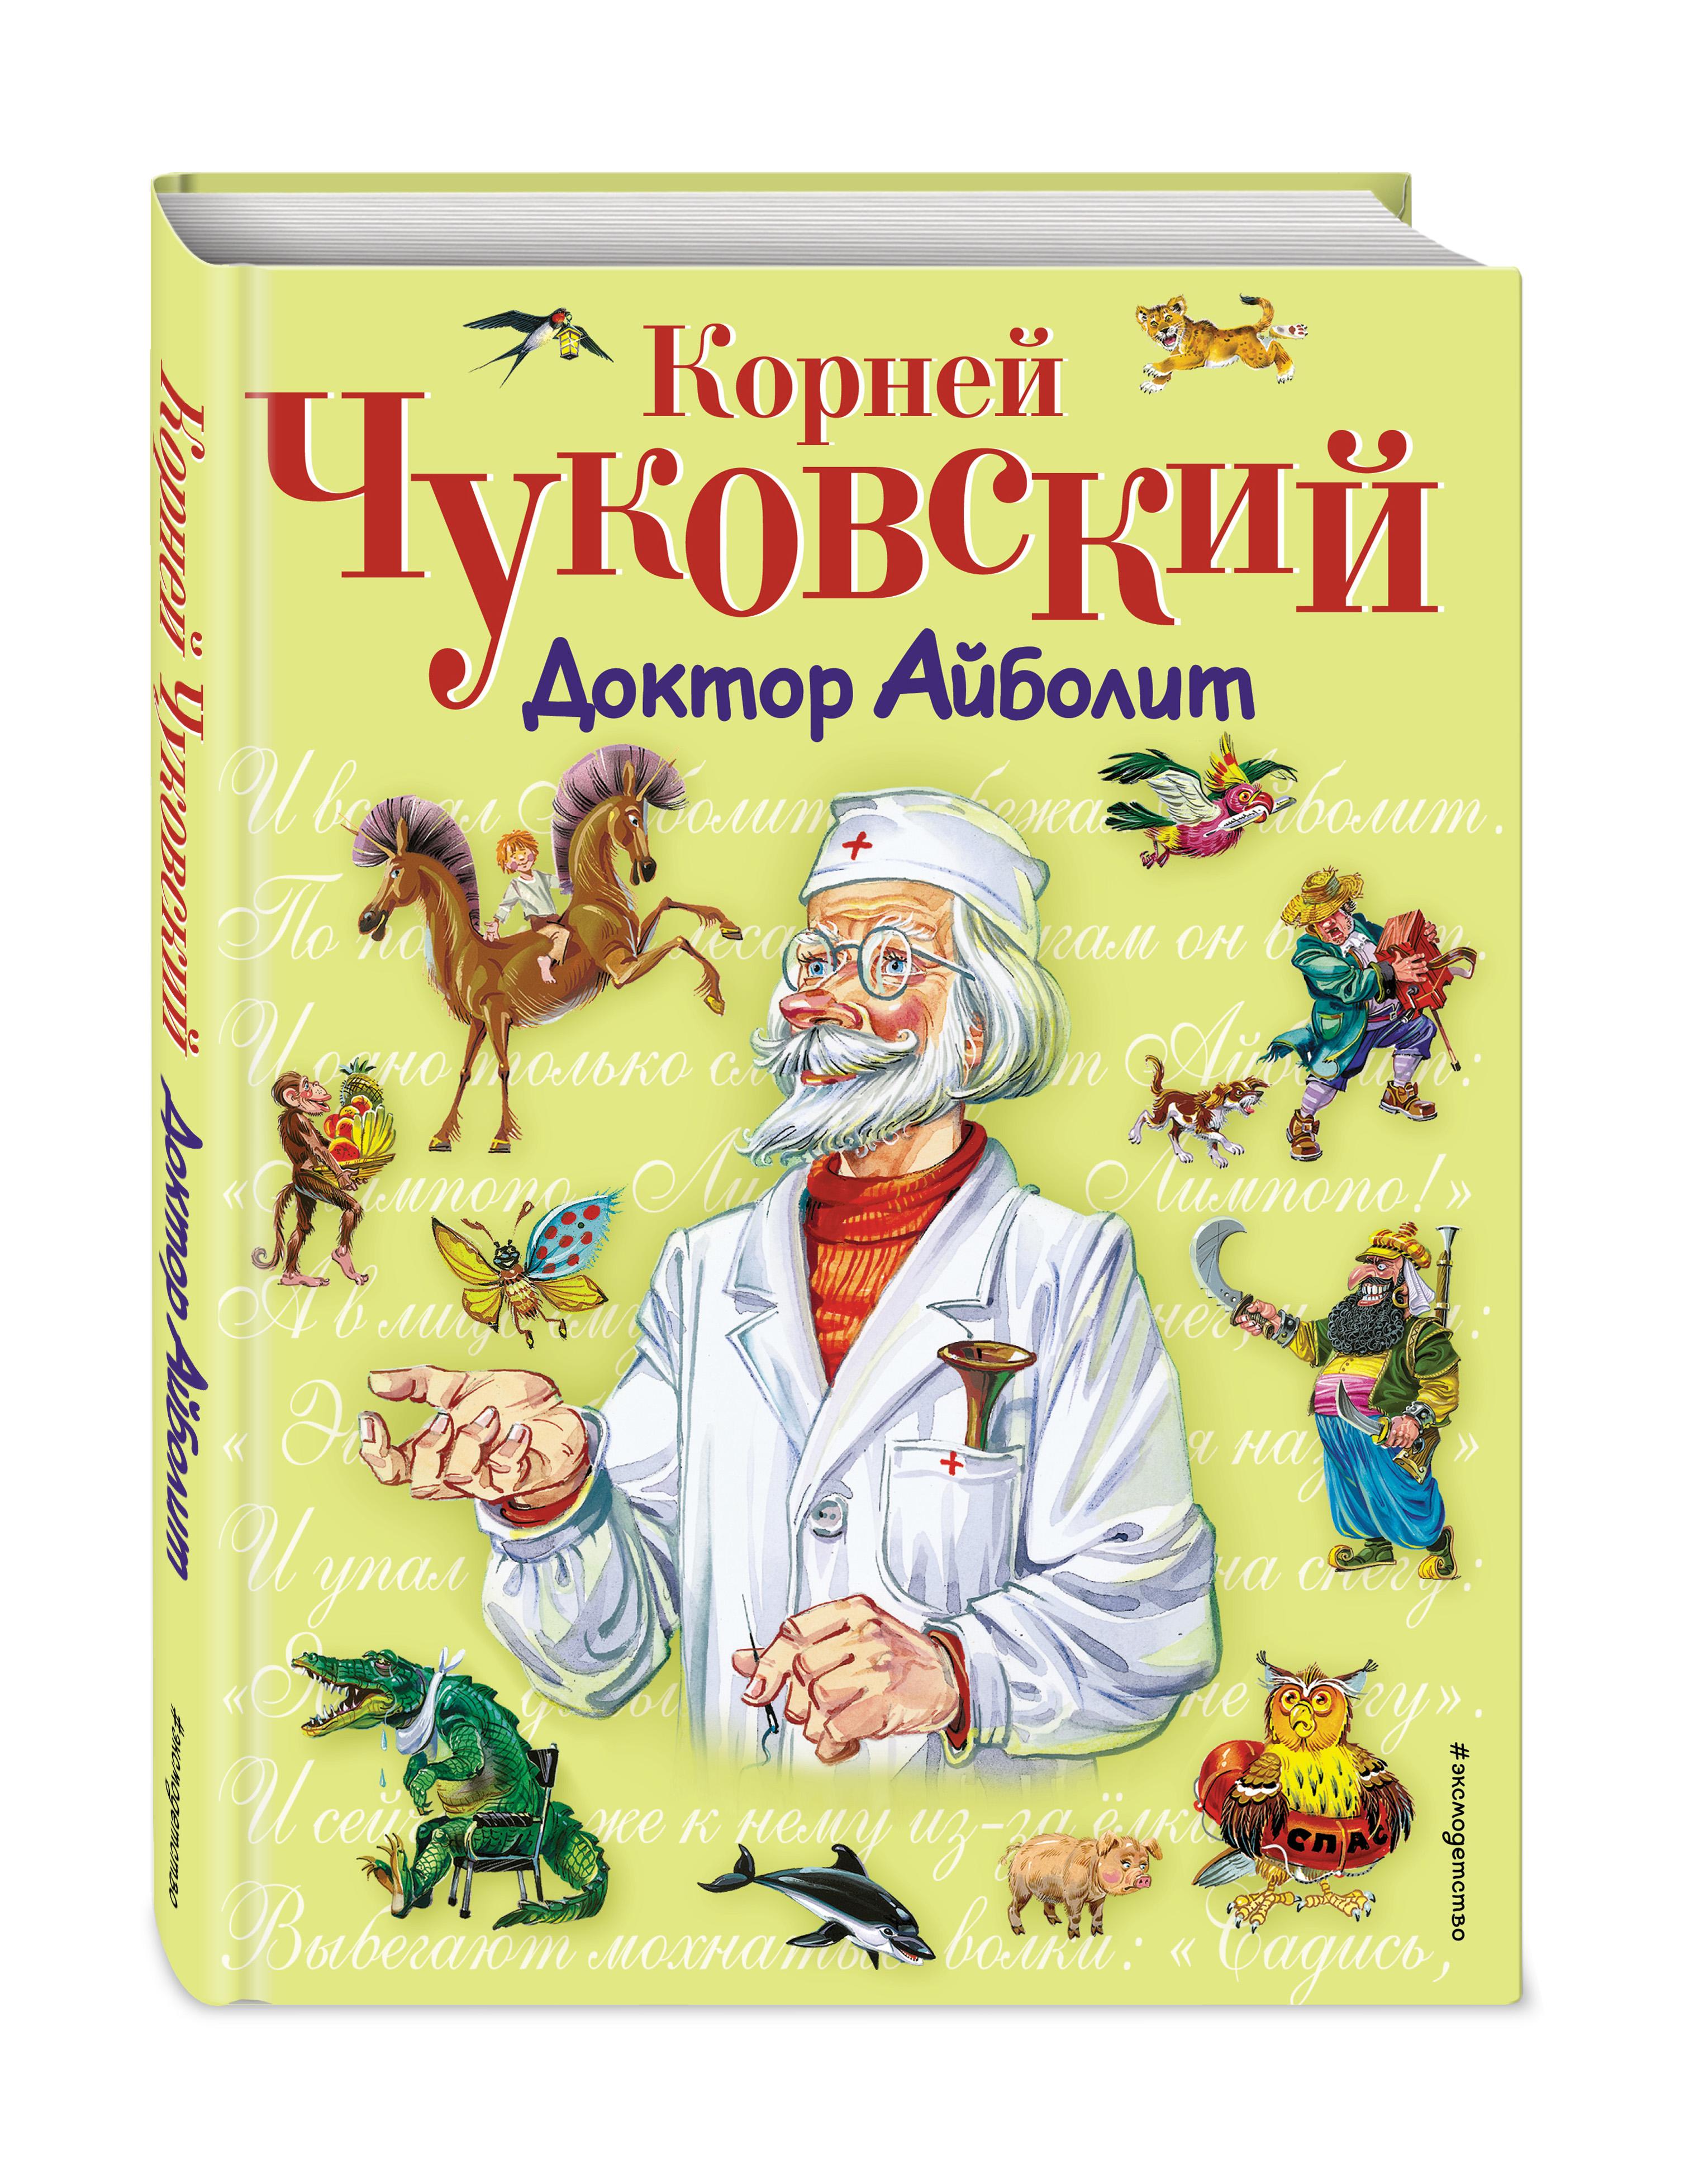 Корней Чуковский Доктор Айболит игра yoh ho доктор айболит ддк 01 д 02